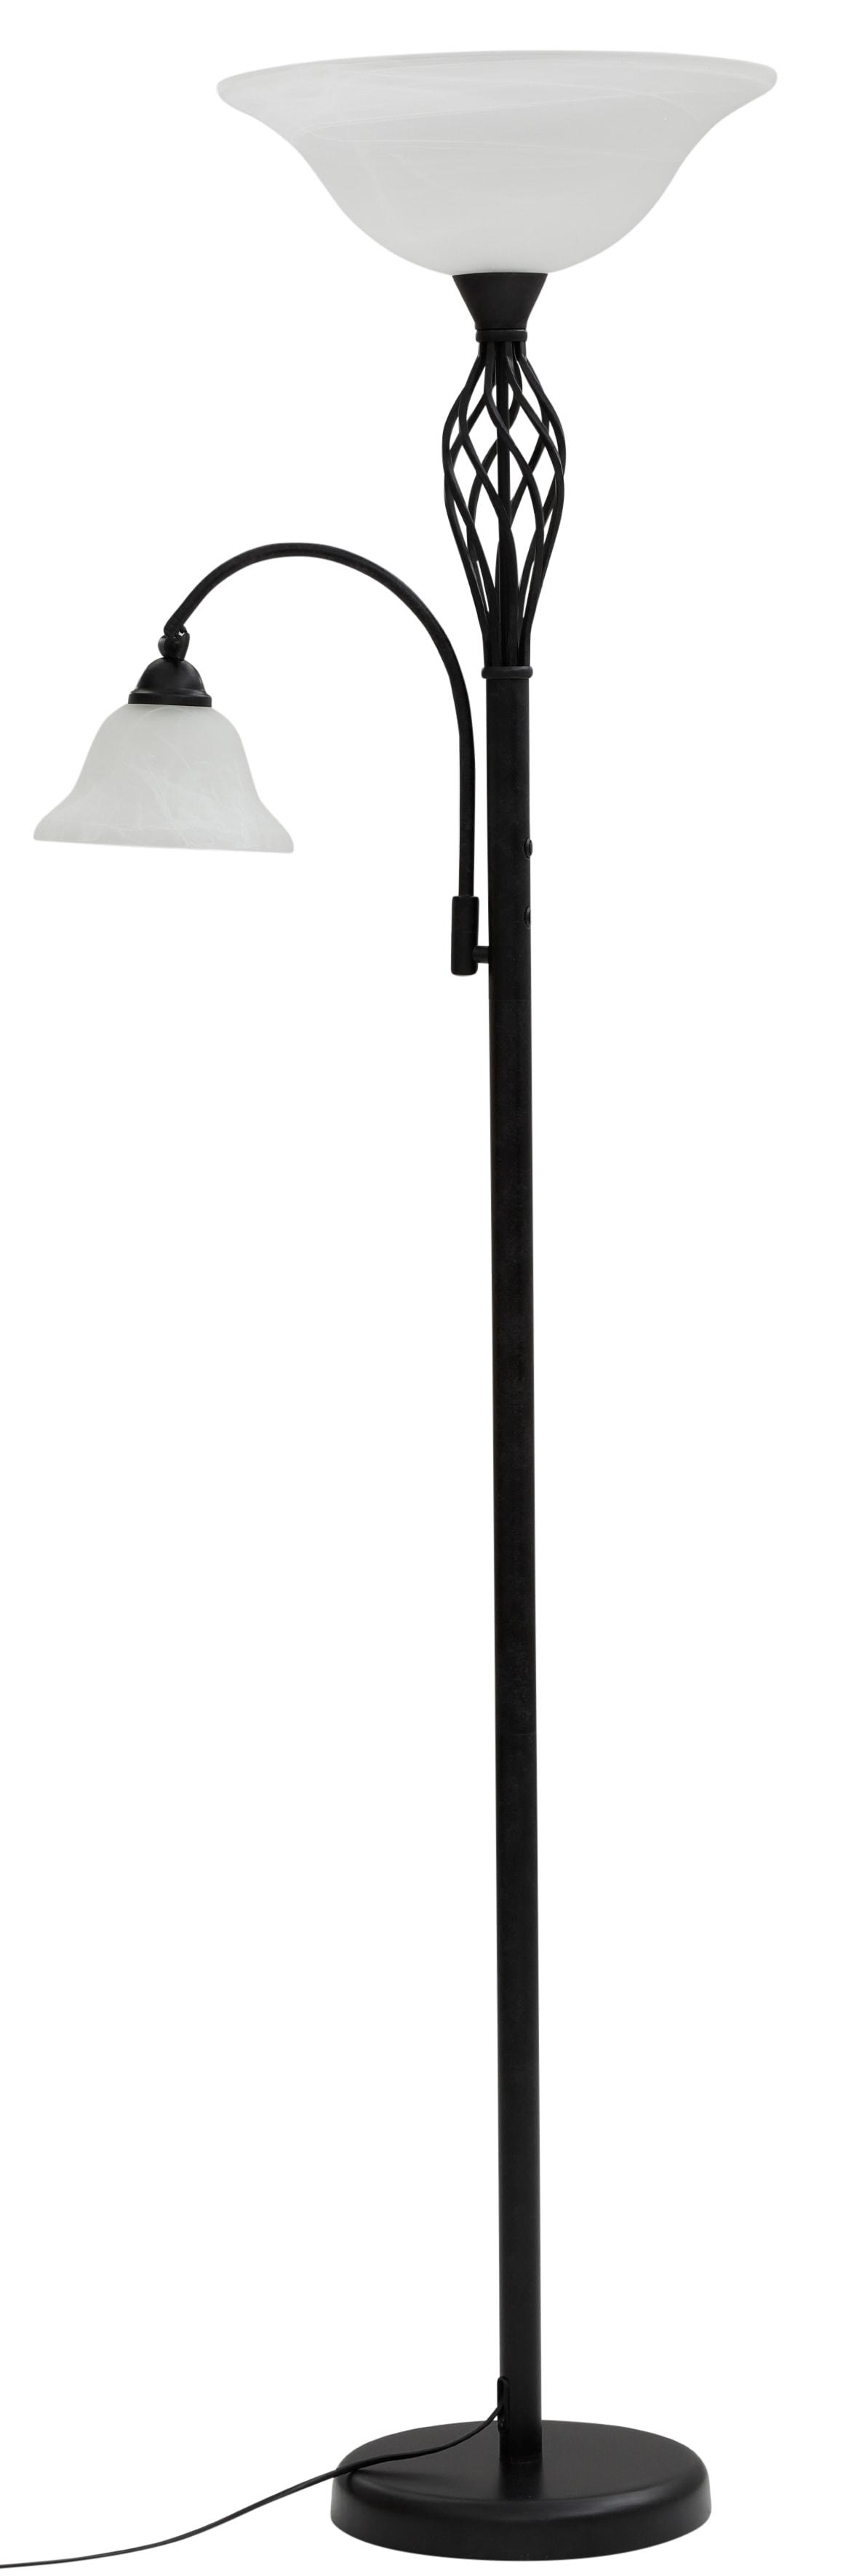 Home affaire Stehlampe Rudi, E27, 1 St., Stehleuchte / Deckenfluter aus massivem Metall im Landhaus-Stil, Leselicht getrennt schaltbar